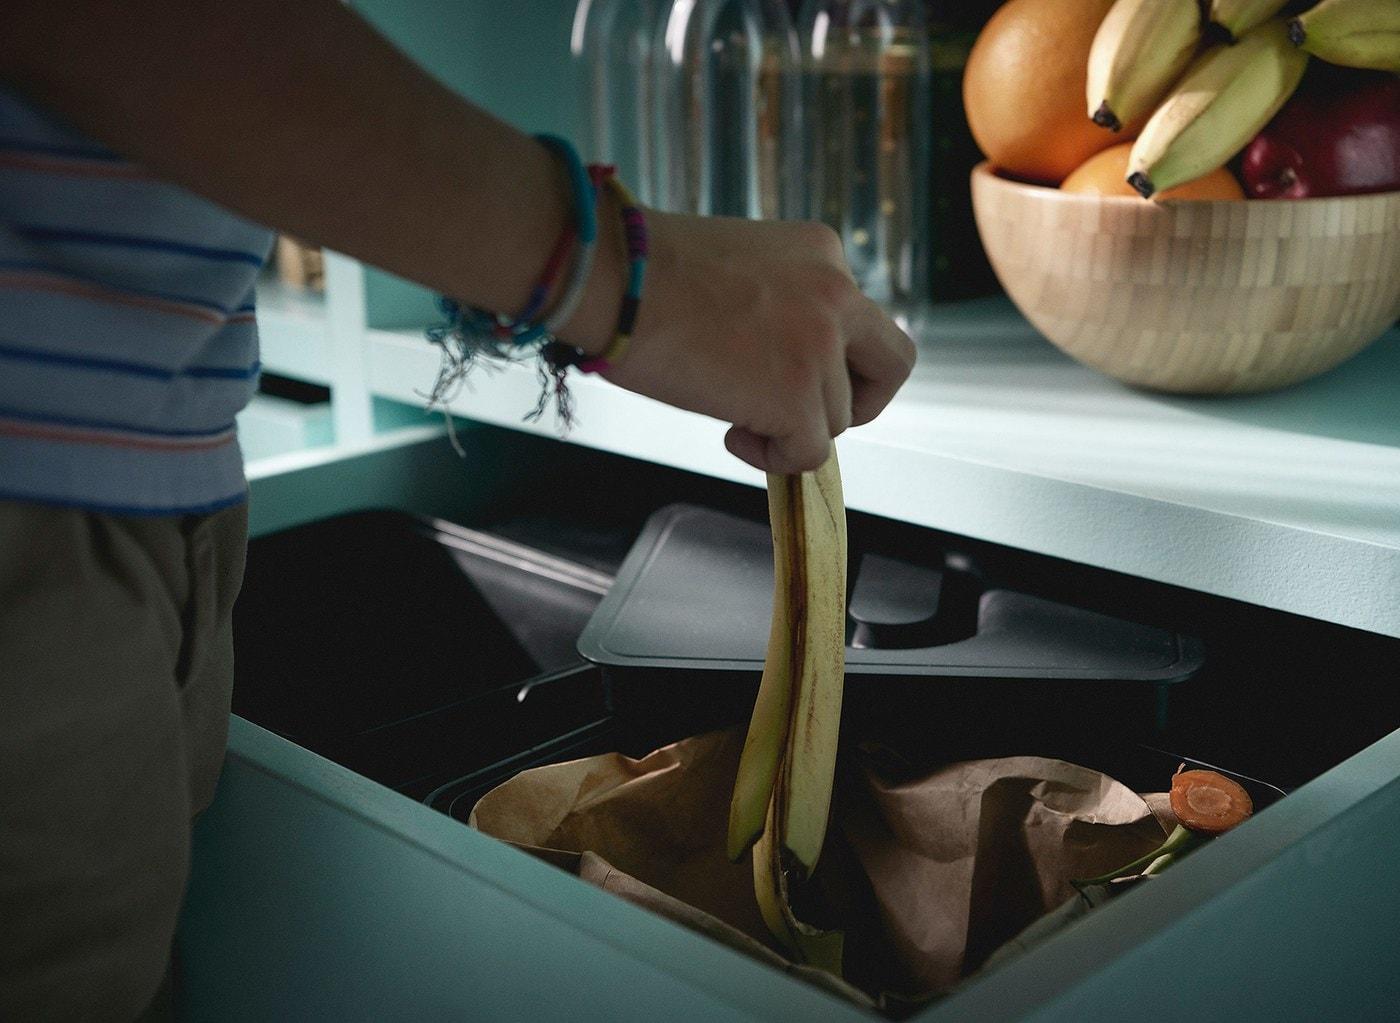 Ein Kind mit Armbändern recycelt eine Bananenschale in einem Behälter des VARIERA Recyclingsystems.